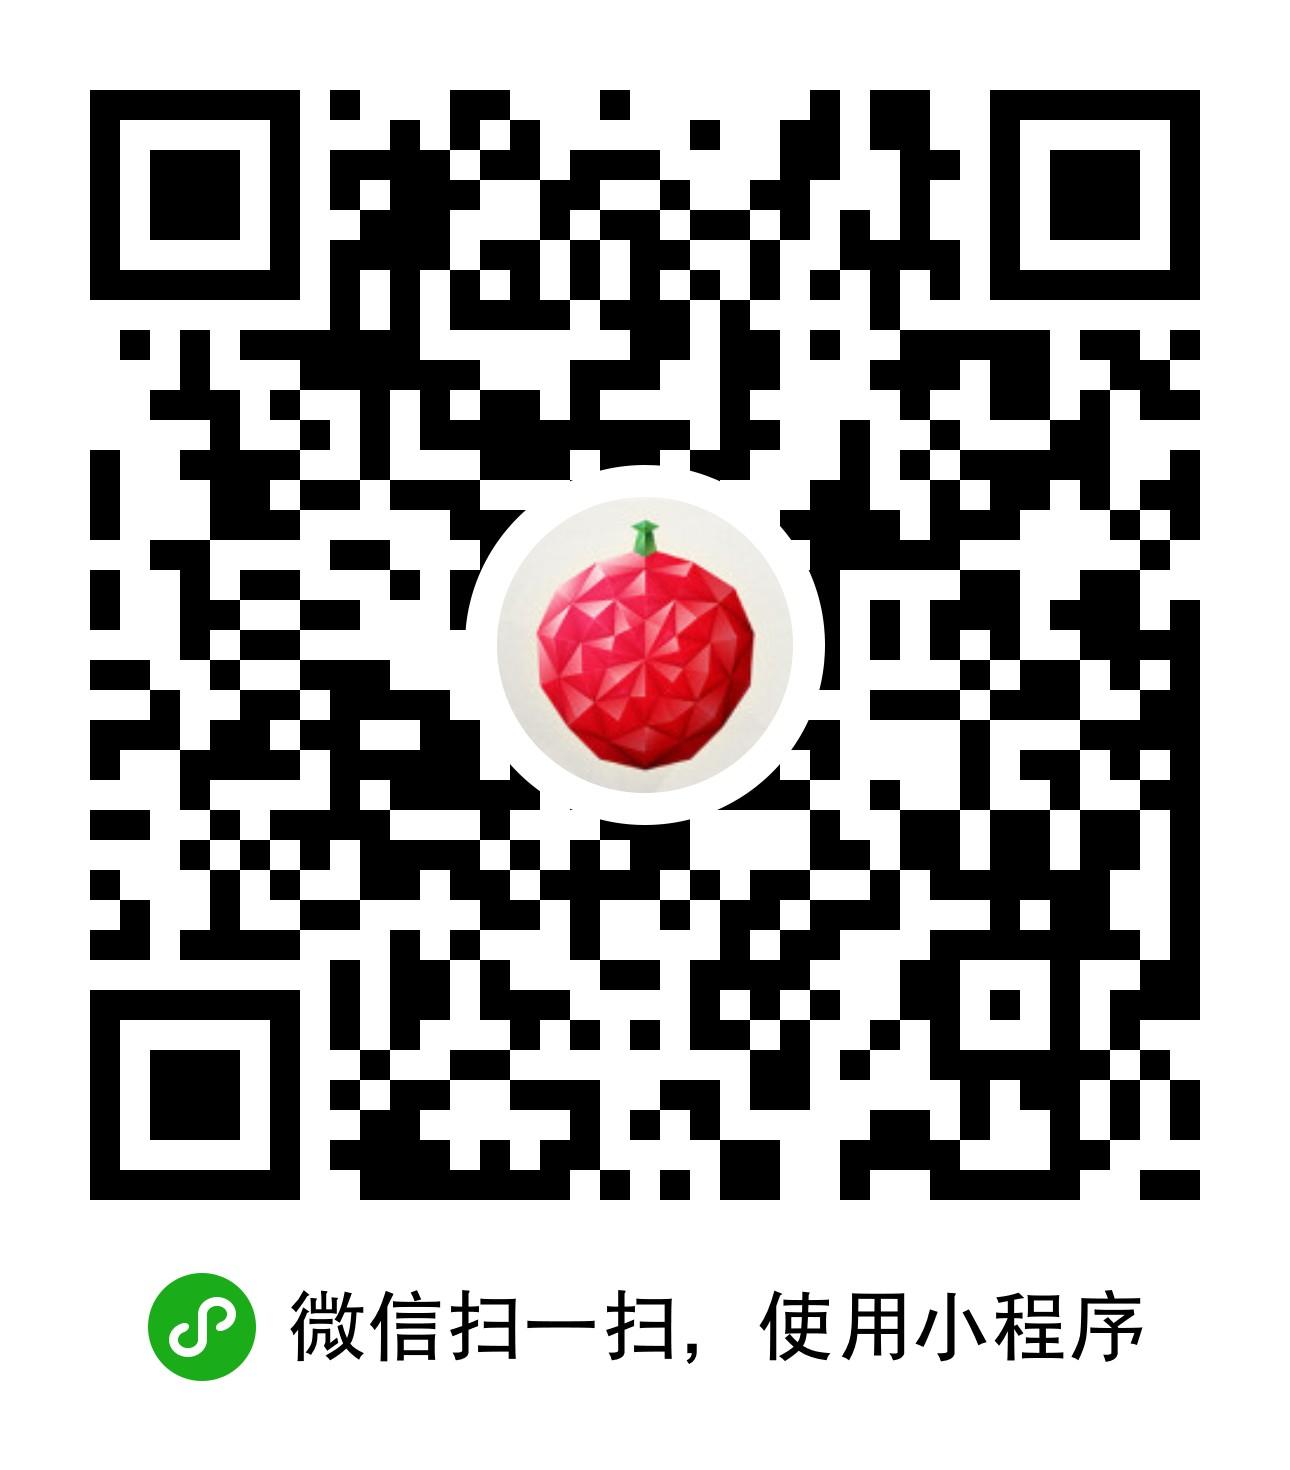 荔枝FM播客小程序二维码